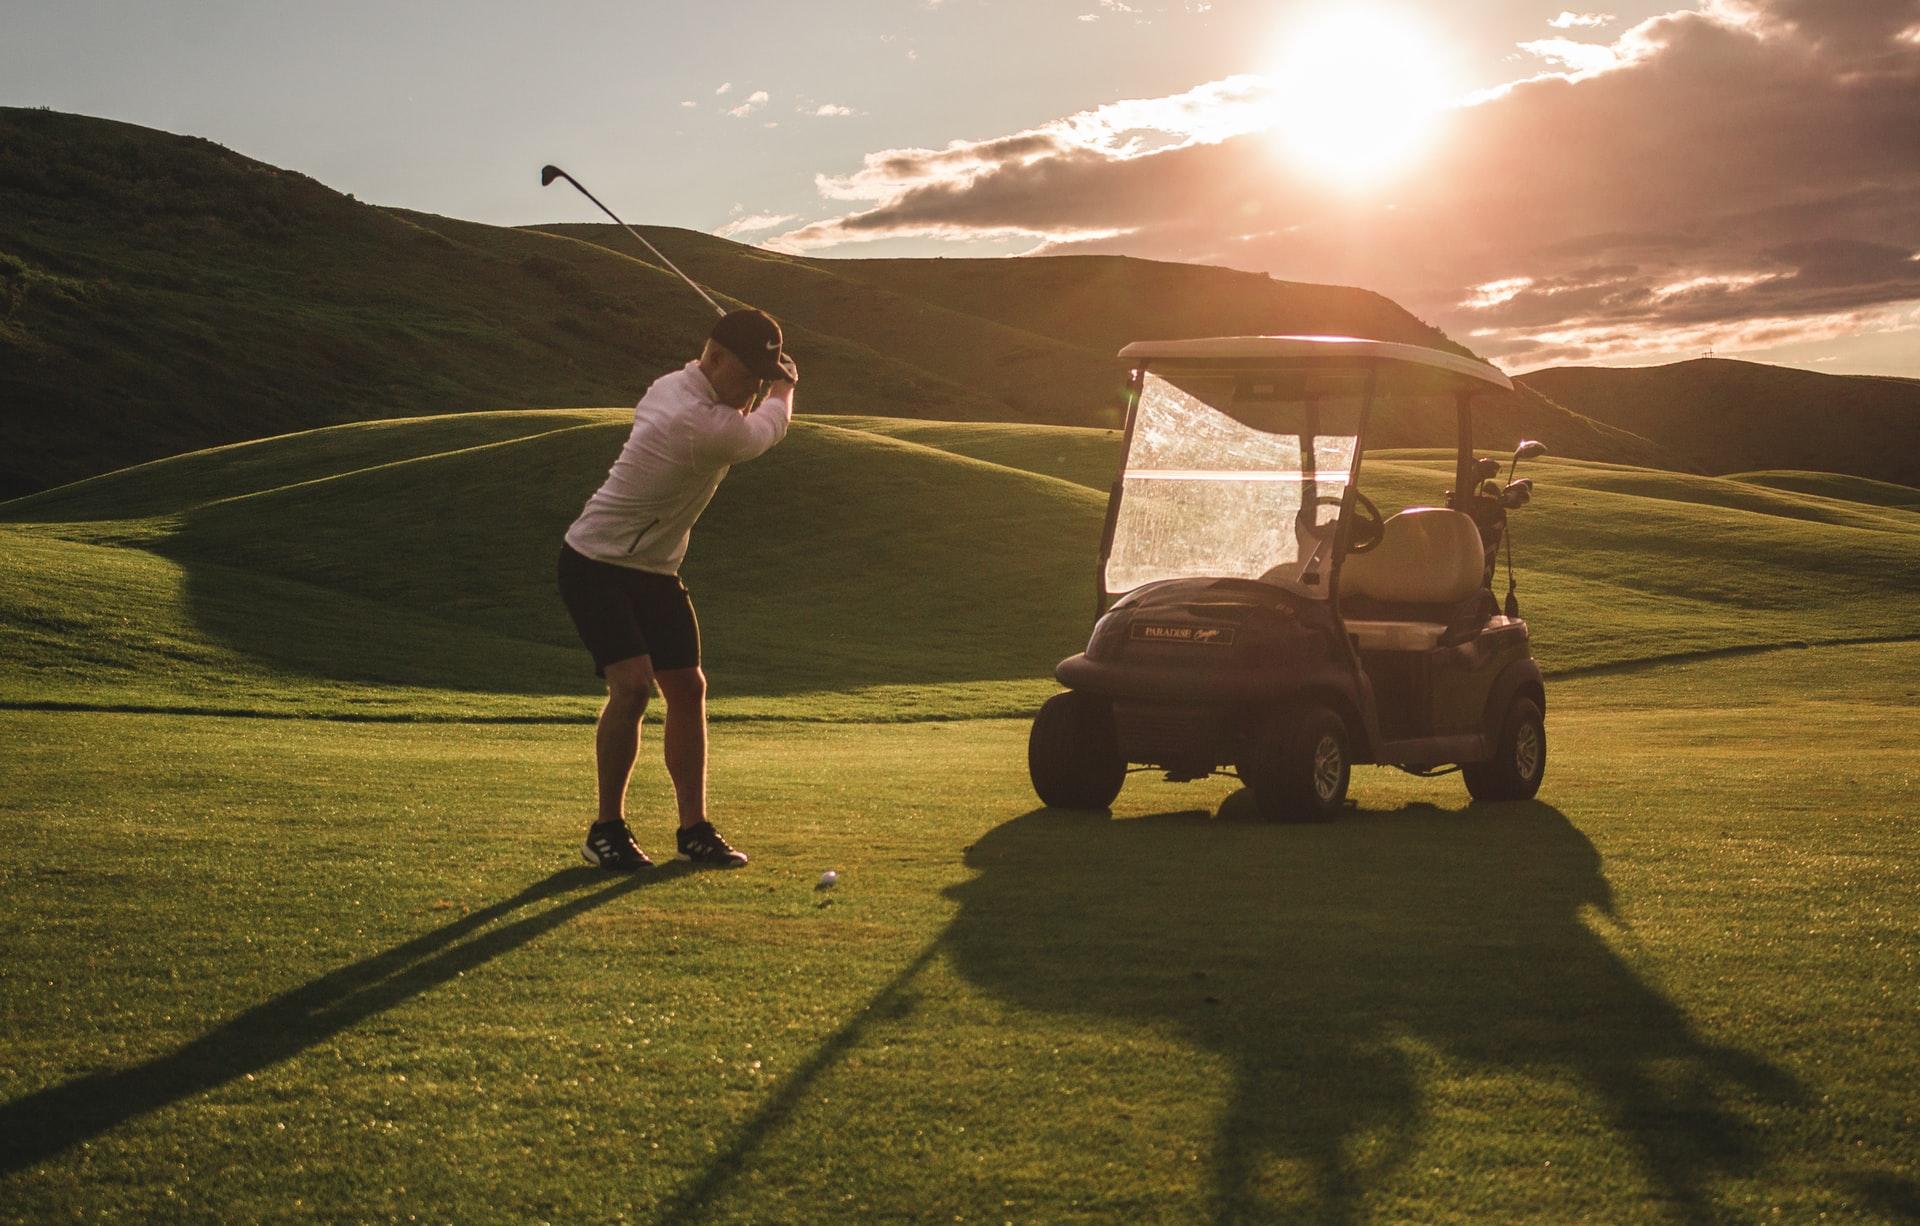 golf cart tax credit 2021 - man golfing at sunset with golf cart